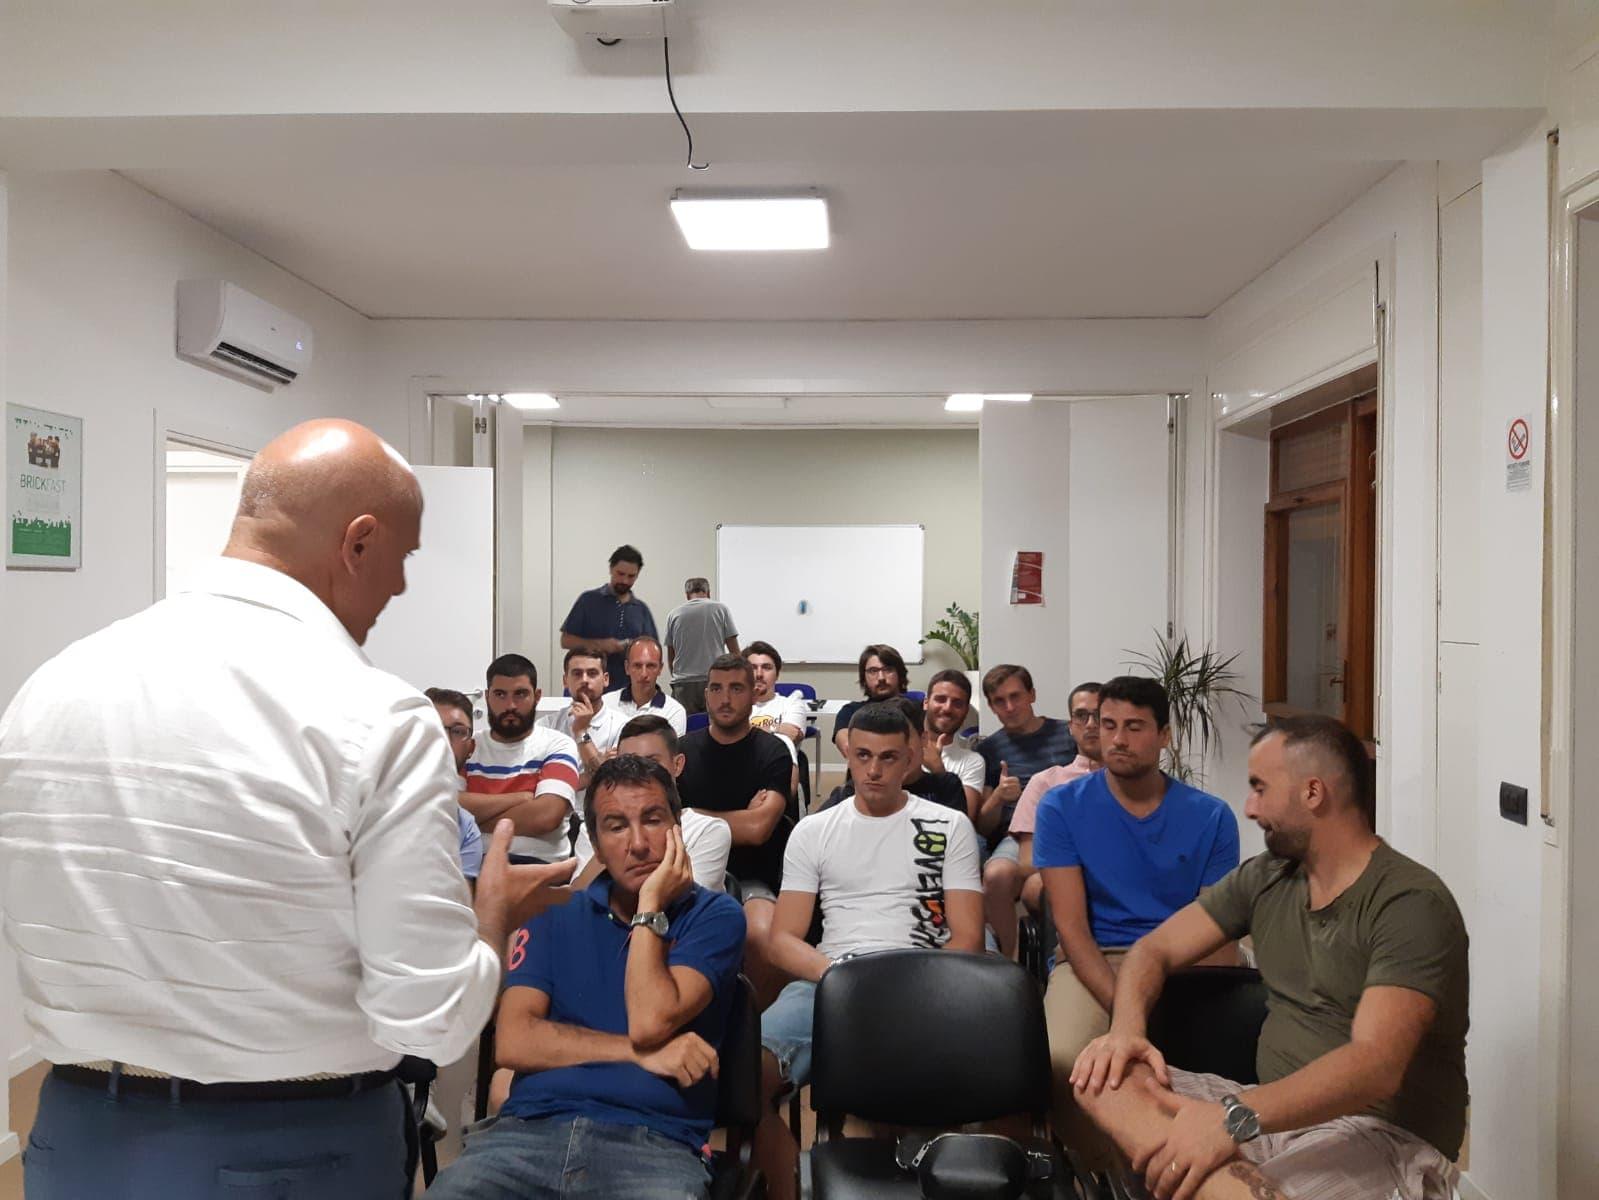 Salerno: il calcio aiuta ad abbattere le barriere